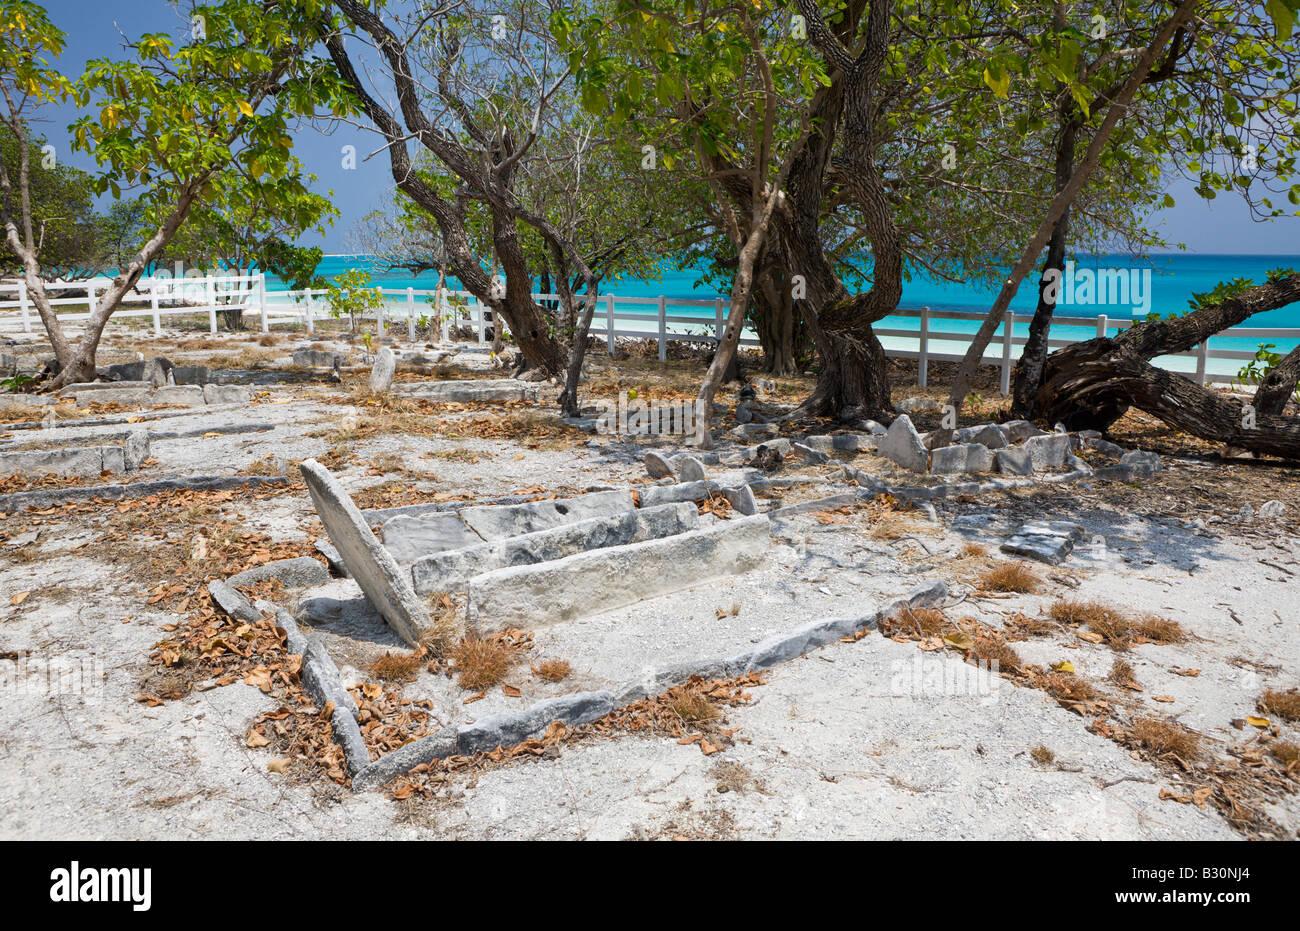 Old Cemetery on Bikini Marshall Islands Bikini Atoll Micronesia Pacific Ocean - Stock Image